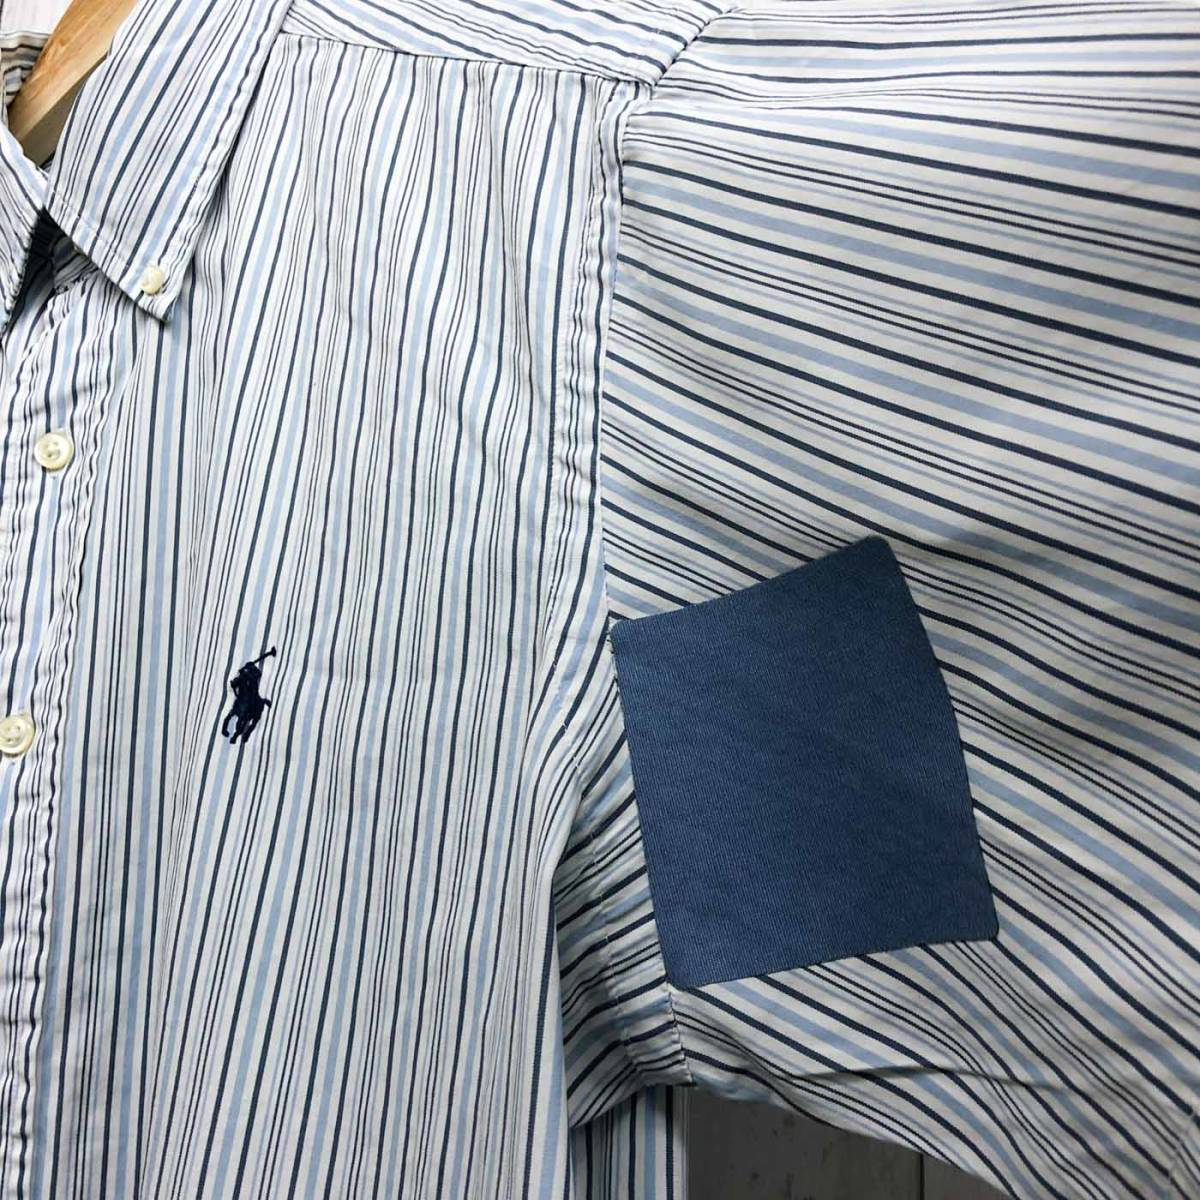 ラルフローレン POLO Ralph Lauren Polo 半袖シャツ メンズ ワンポイント サイズ15(S~Mサイズ相当) 7-177_画像7